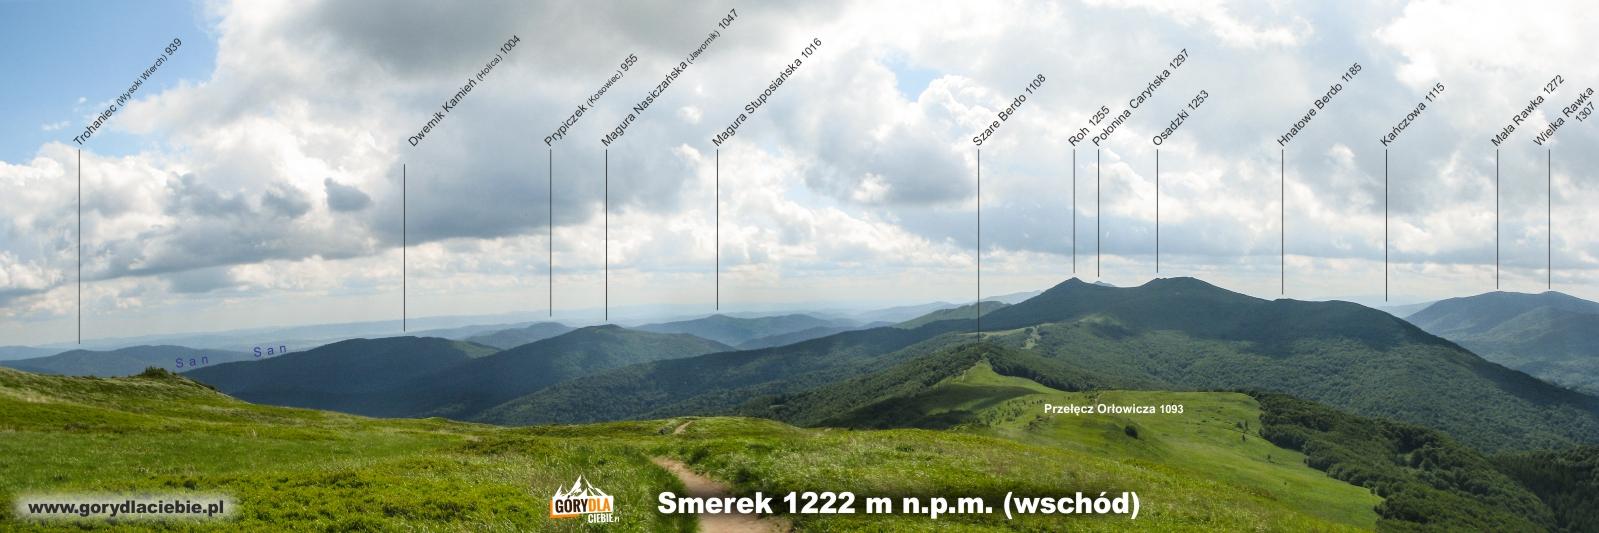 Panorama (z opisem) ze Smereka w kierunku wschodnim